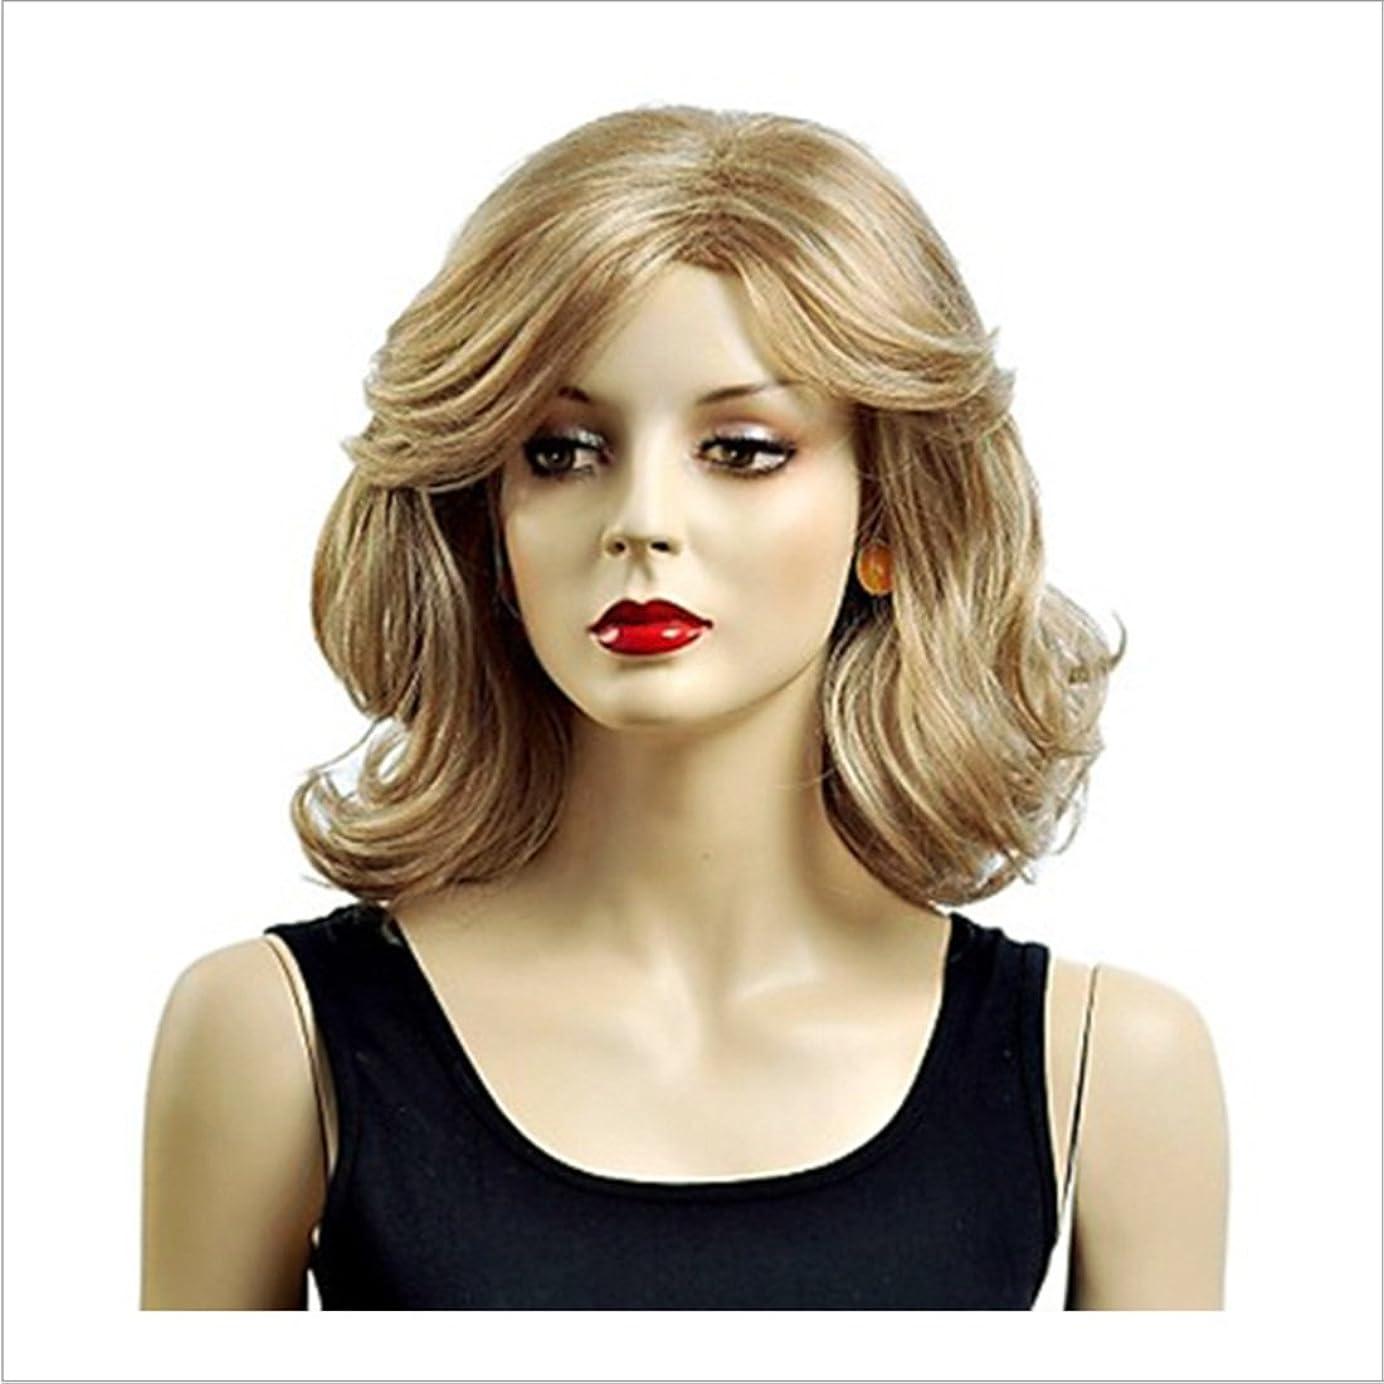 リラックスした気付く予想外Mayalina 白人女性のためのかつらゴールドカーリーウィッグショートふわふわウェーブのかかった人工毛ナチュラルルッキングカーリーウィッグデイリーウィッグ耐熱で分割前髪付き16 '' 180g(ゴールド)ファッションウィッグ (色 : ゴールド)